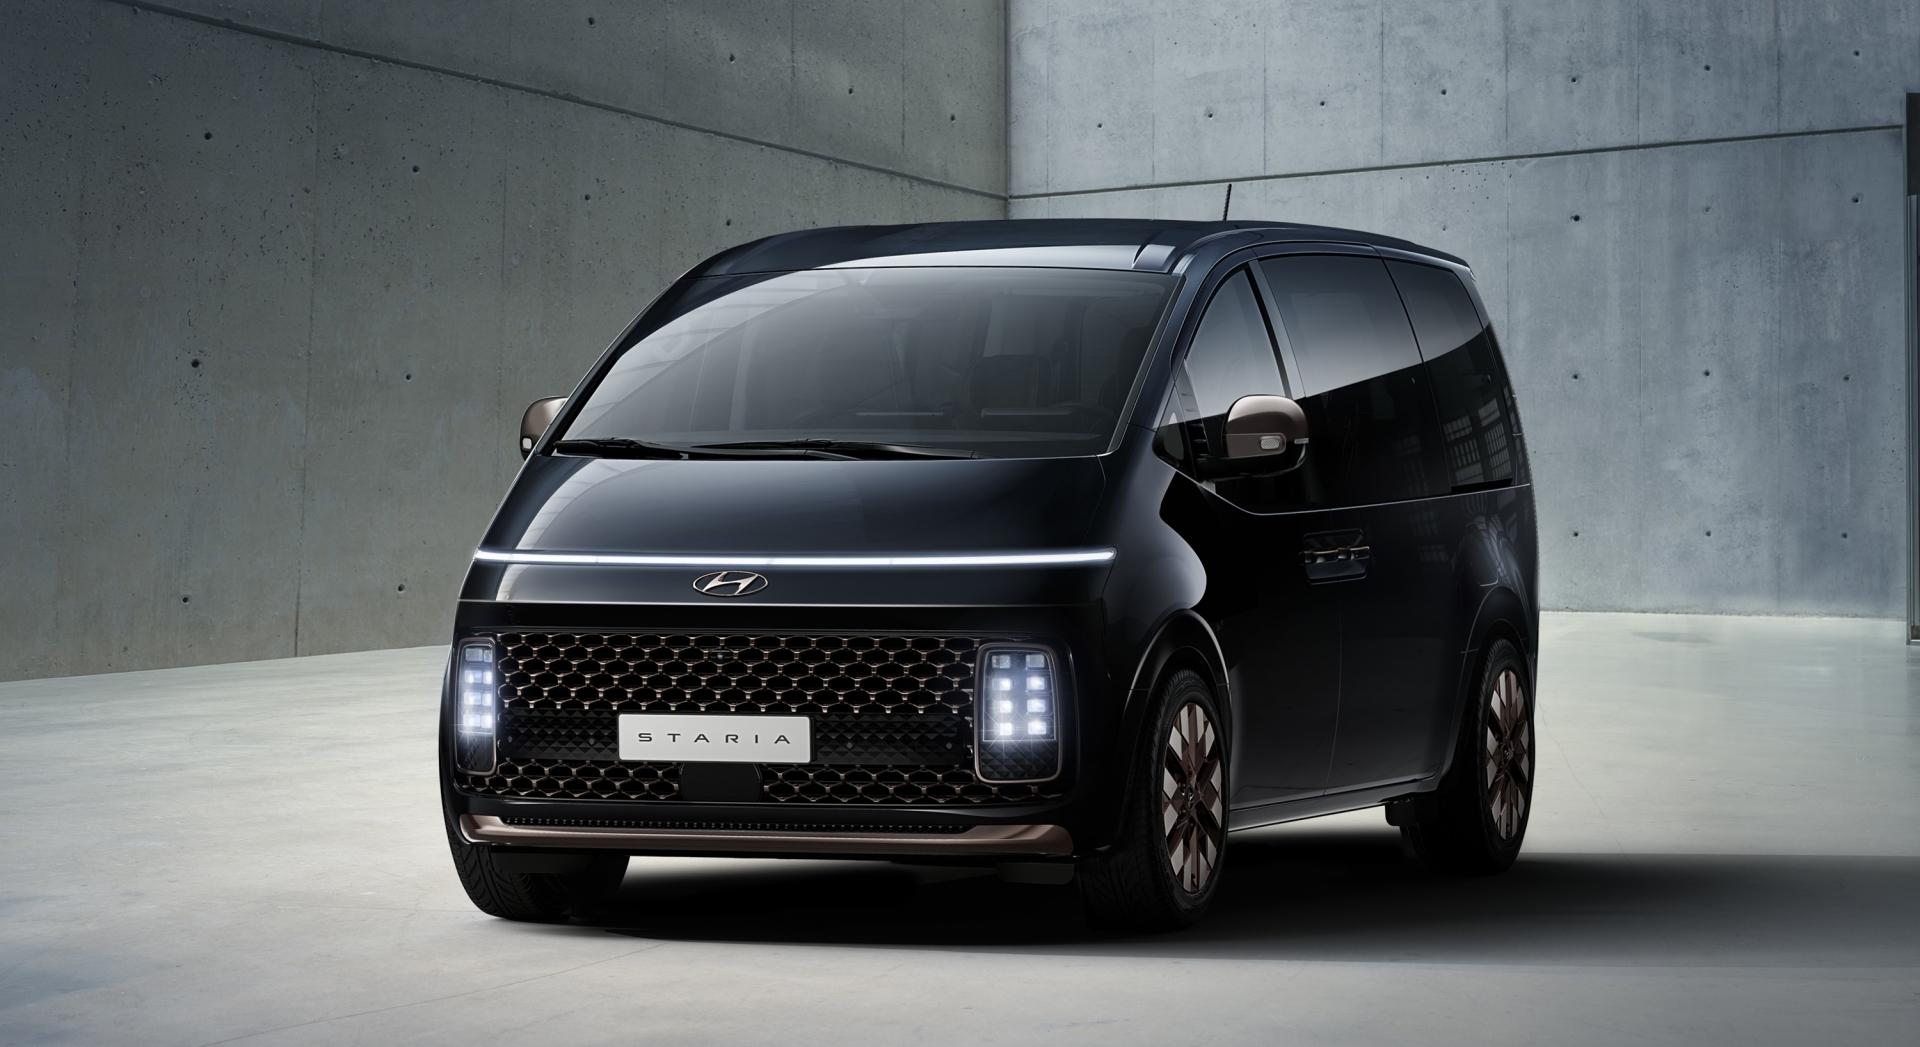 Hyundai Motor раскрывает подробности о дизайне минивэна STARIA